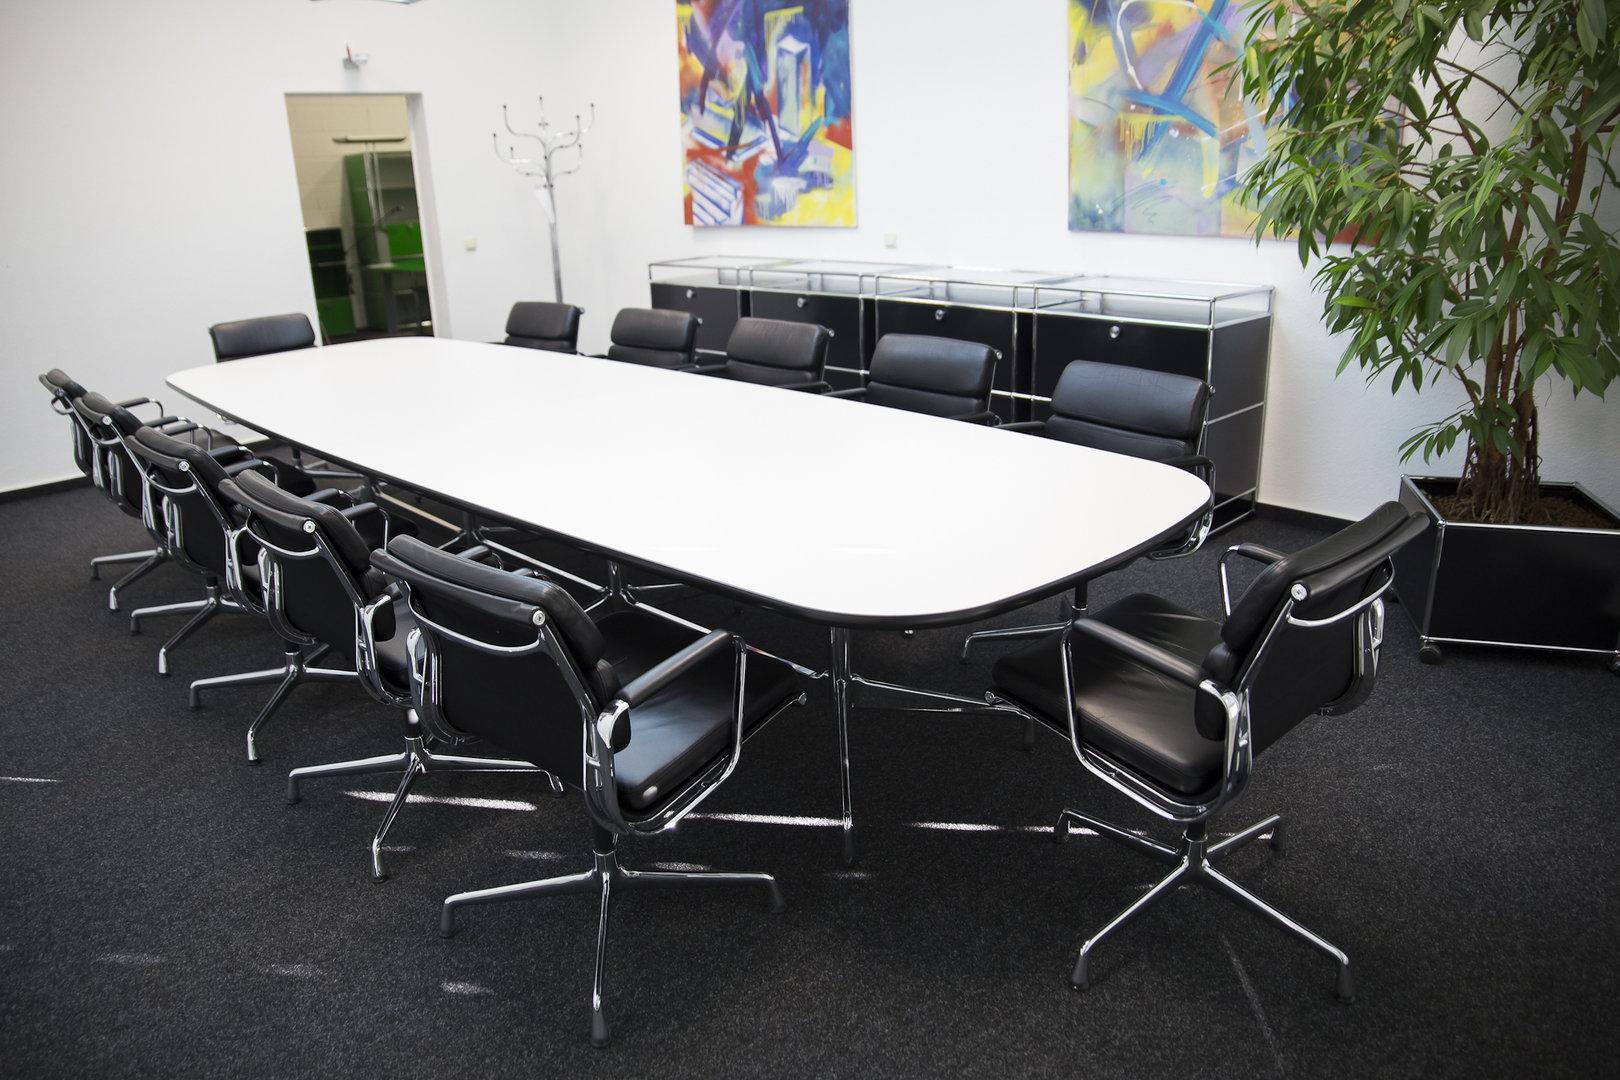 Vitra Konferenztisch Weiß 430 x 137 cm | Konferenztische